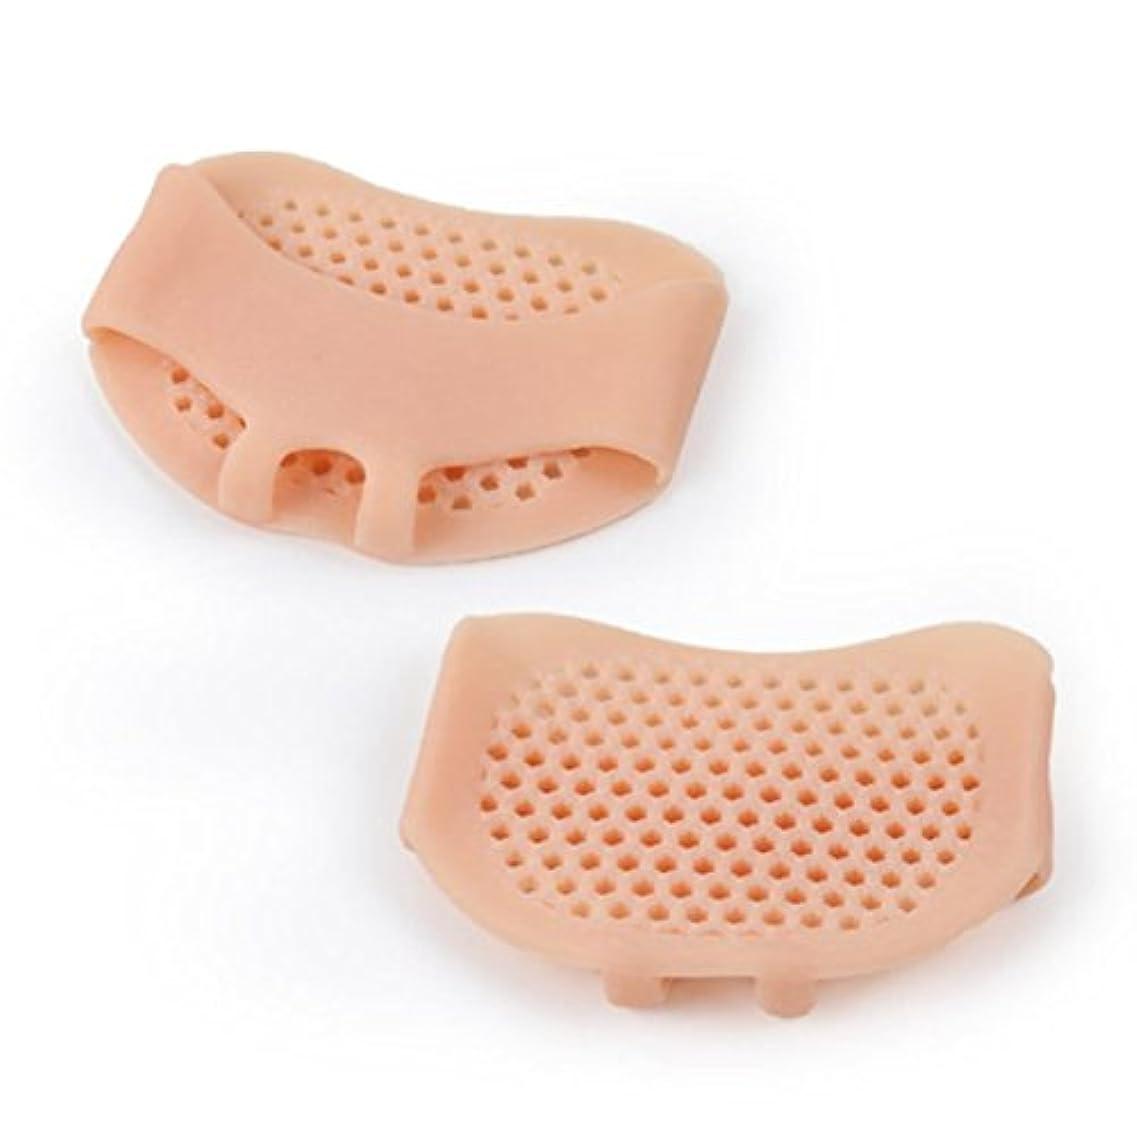 インカ帝国ハブブ水分通気性のあるソフトシリコン女性インソールパッド滑り止め快適な女性フロントフットケアクッションハイヒール靴パッド-肌の色